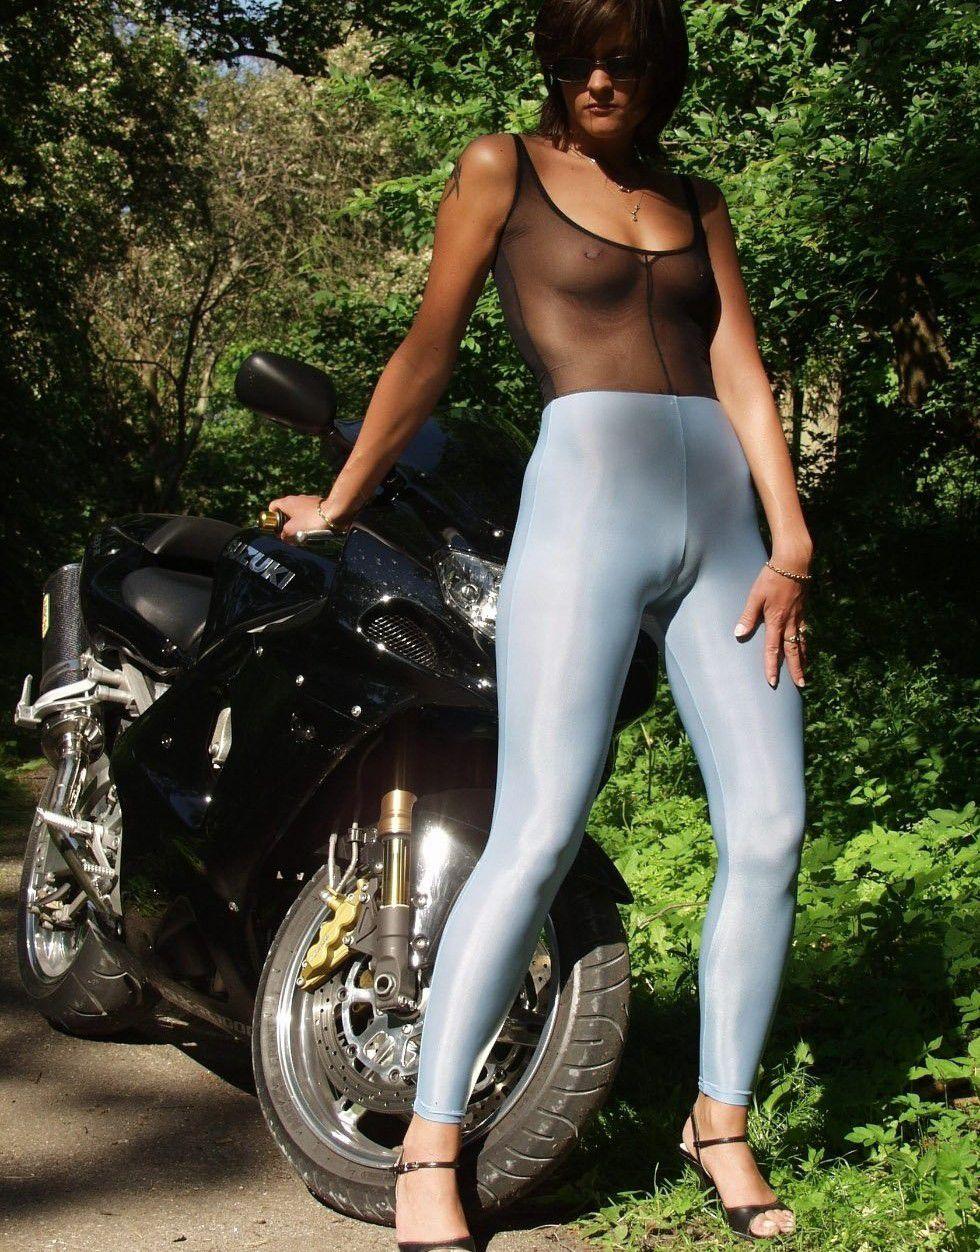 【マンスジエロ画像】良い肉感の海外女性たちの意味ありげに浮かんだ股間の縦線!(;゚Д゚)